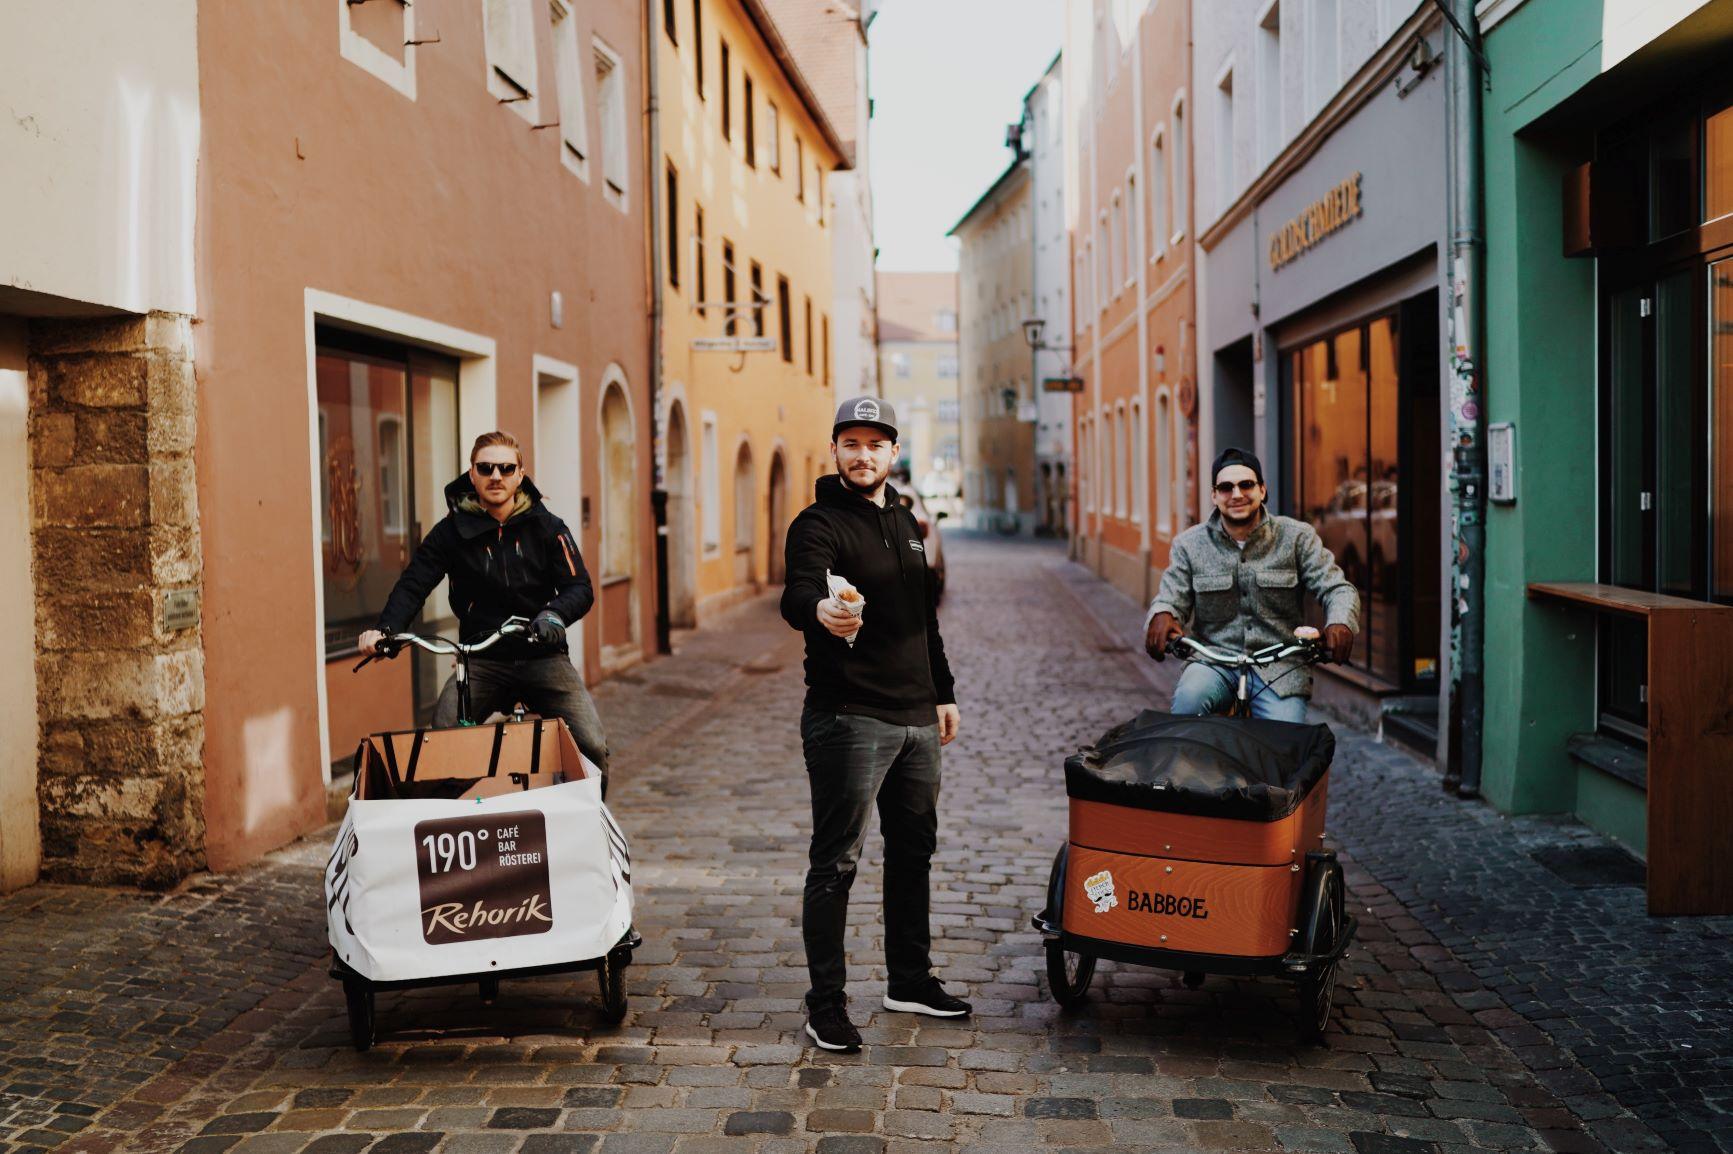 G'sichter hinter der Regensburger Gastro: Das Café Malefiz